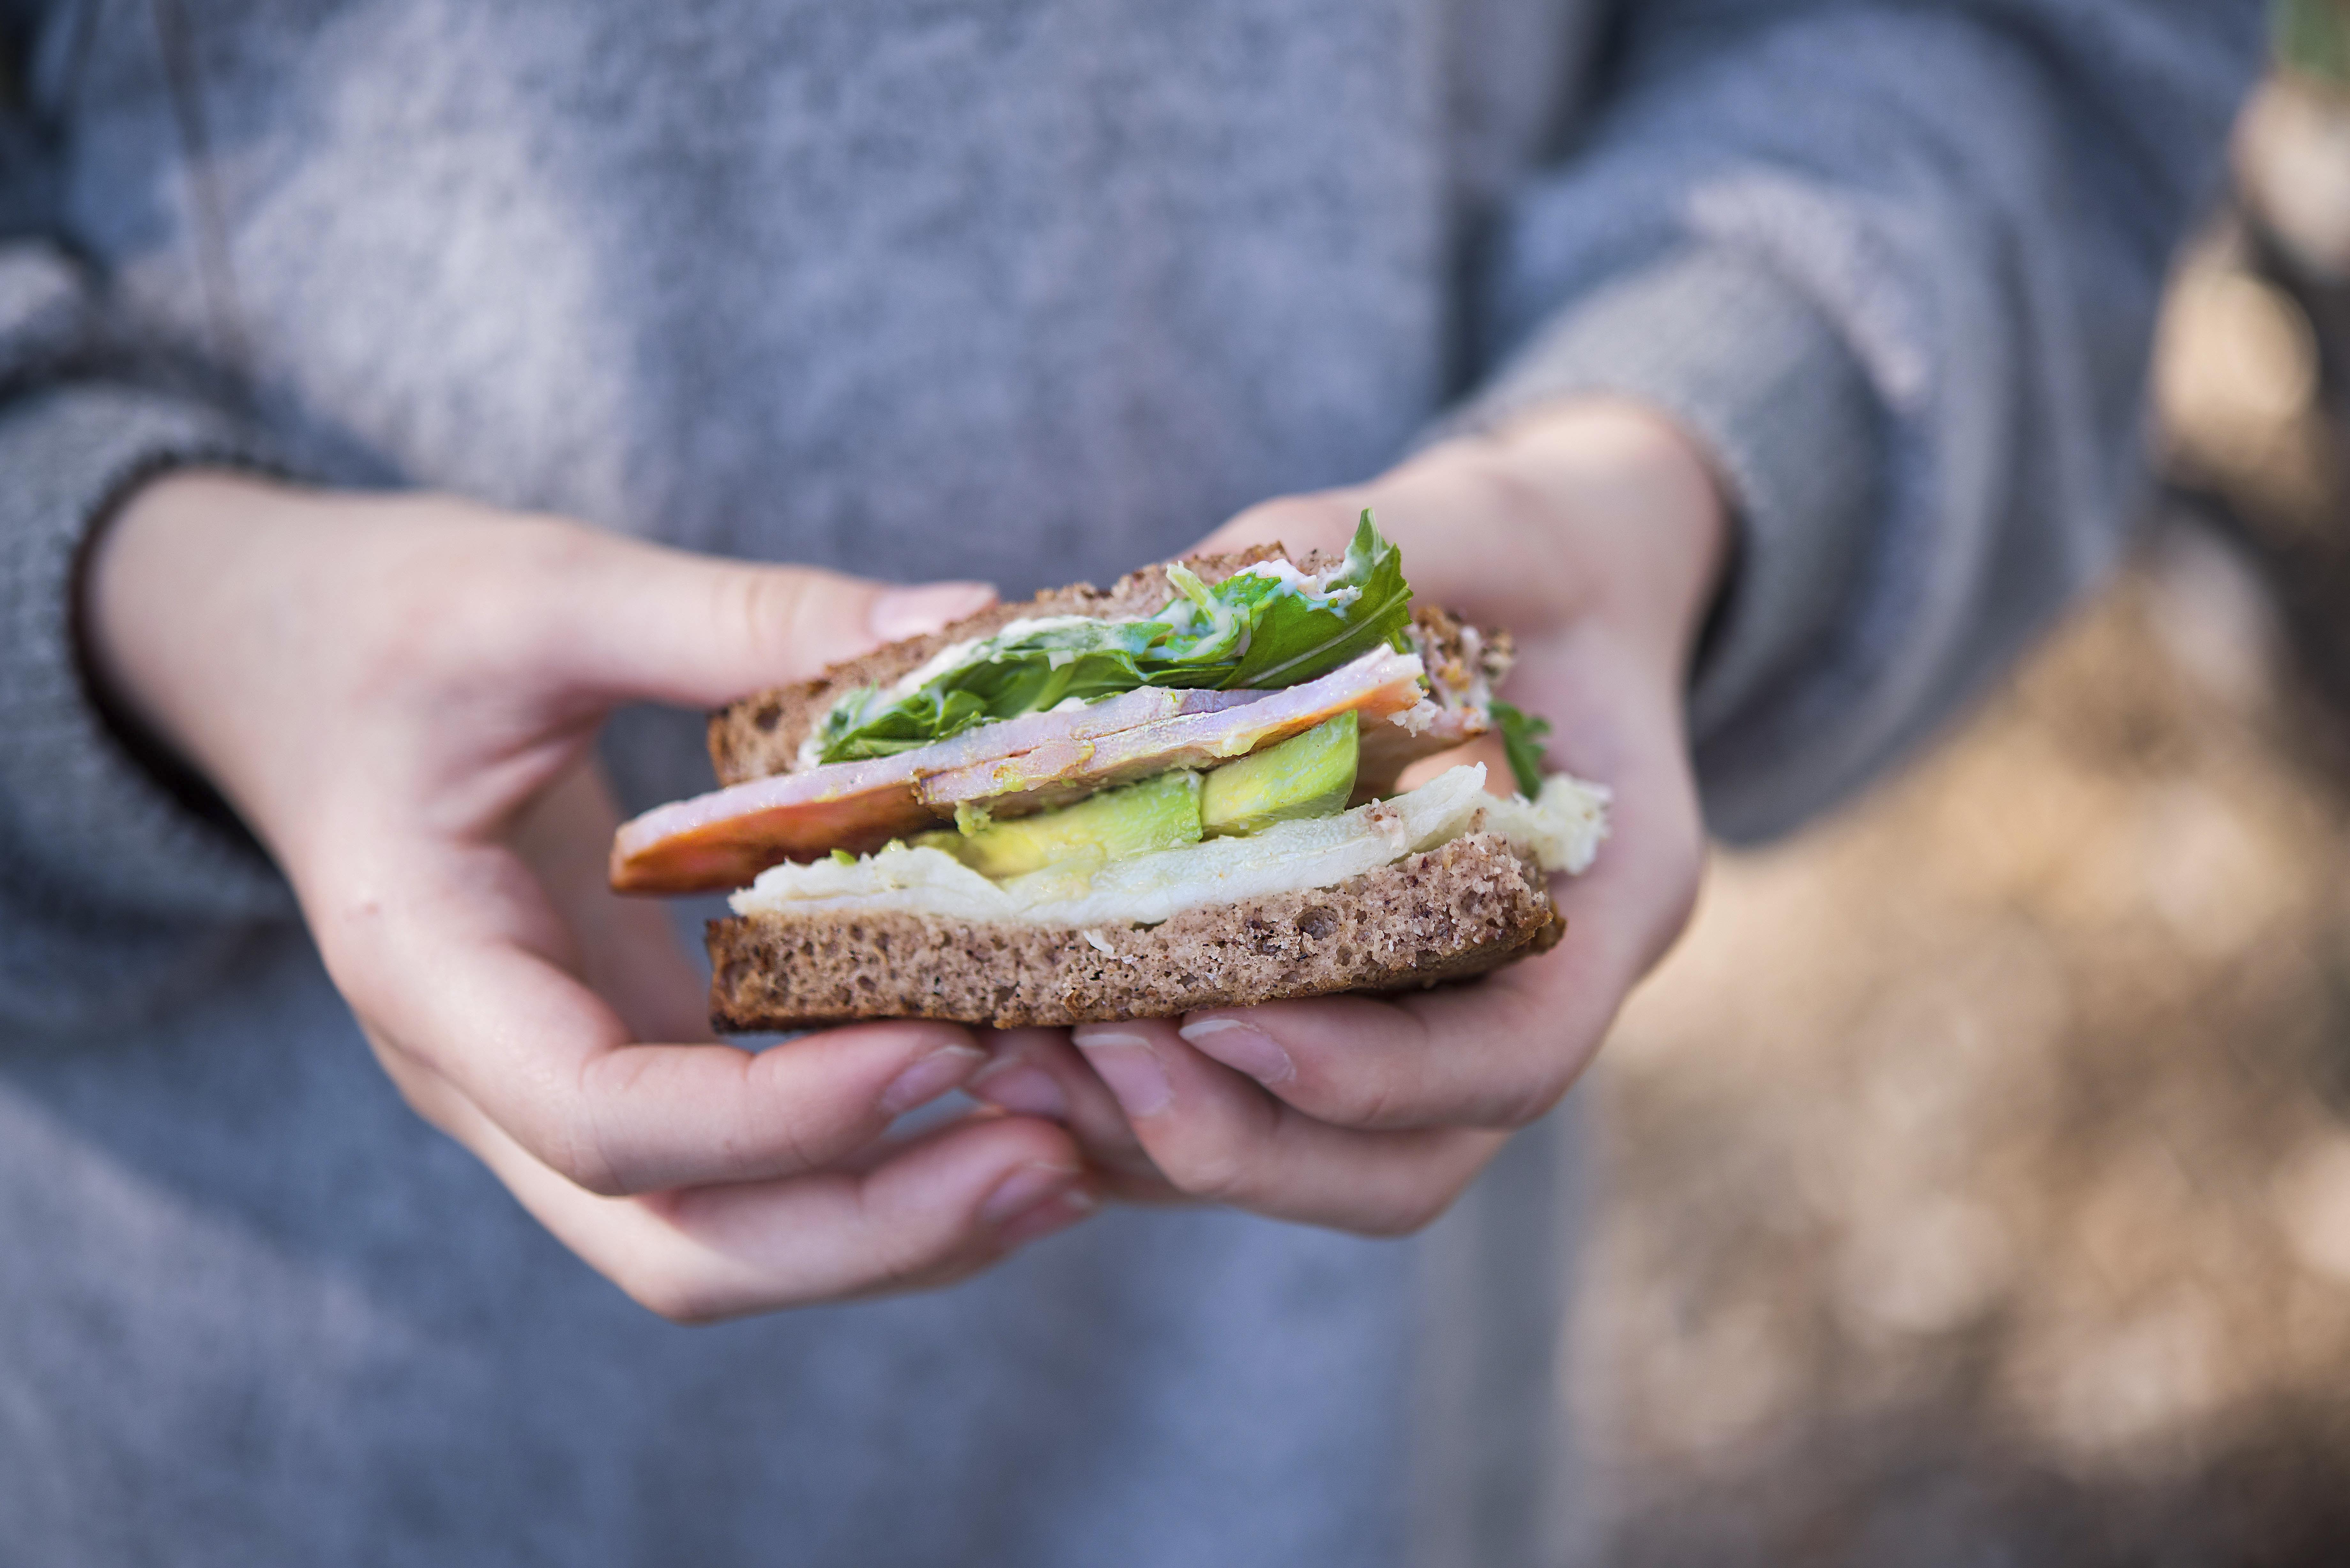 Kuwl in hand Sandwich bread_